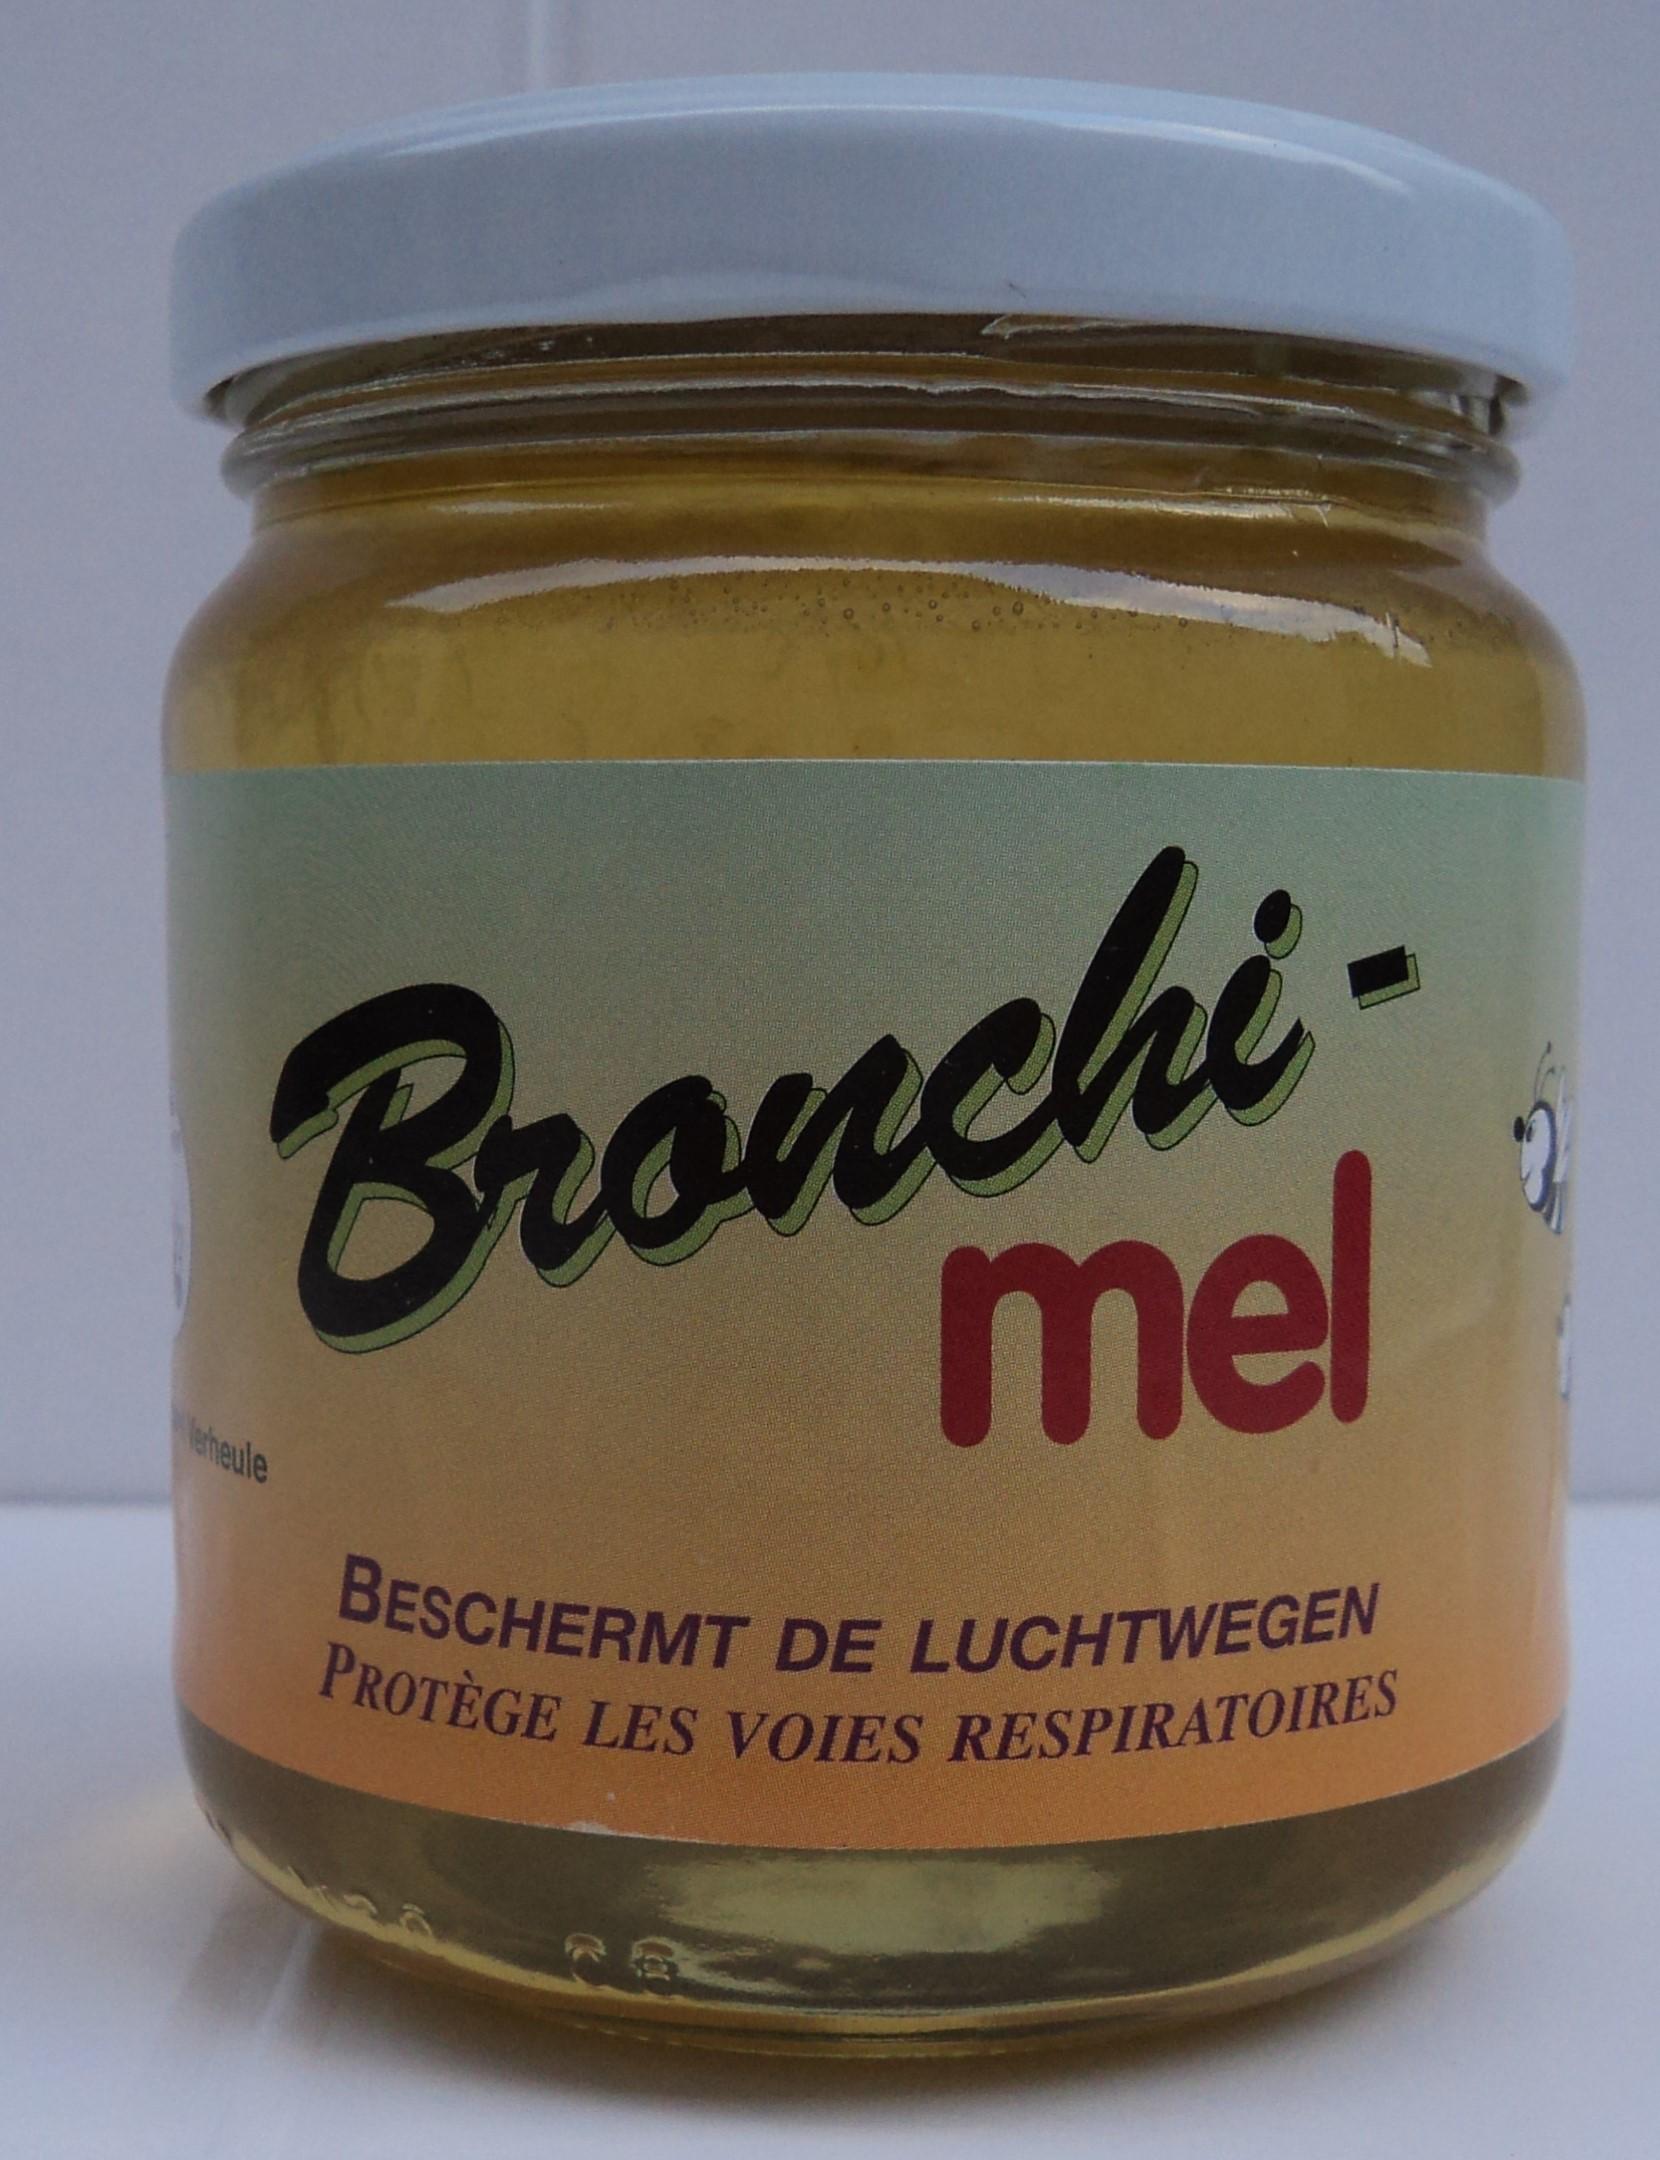 Bronchimel